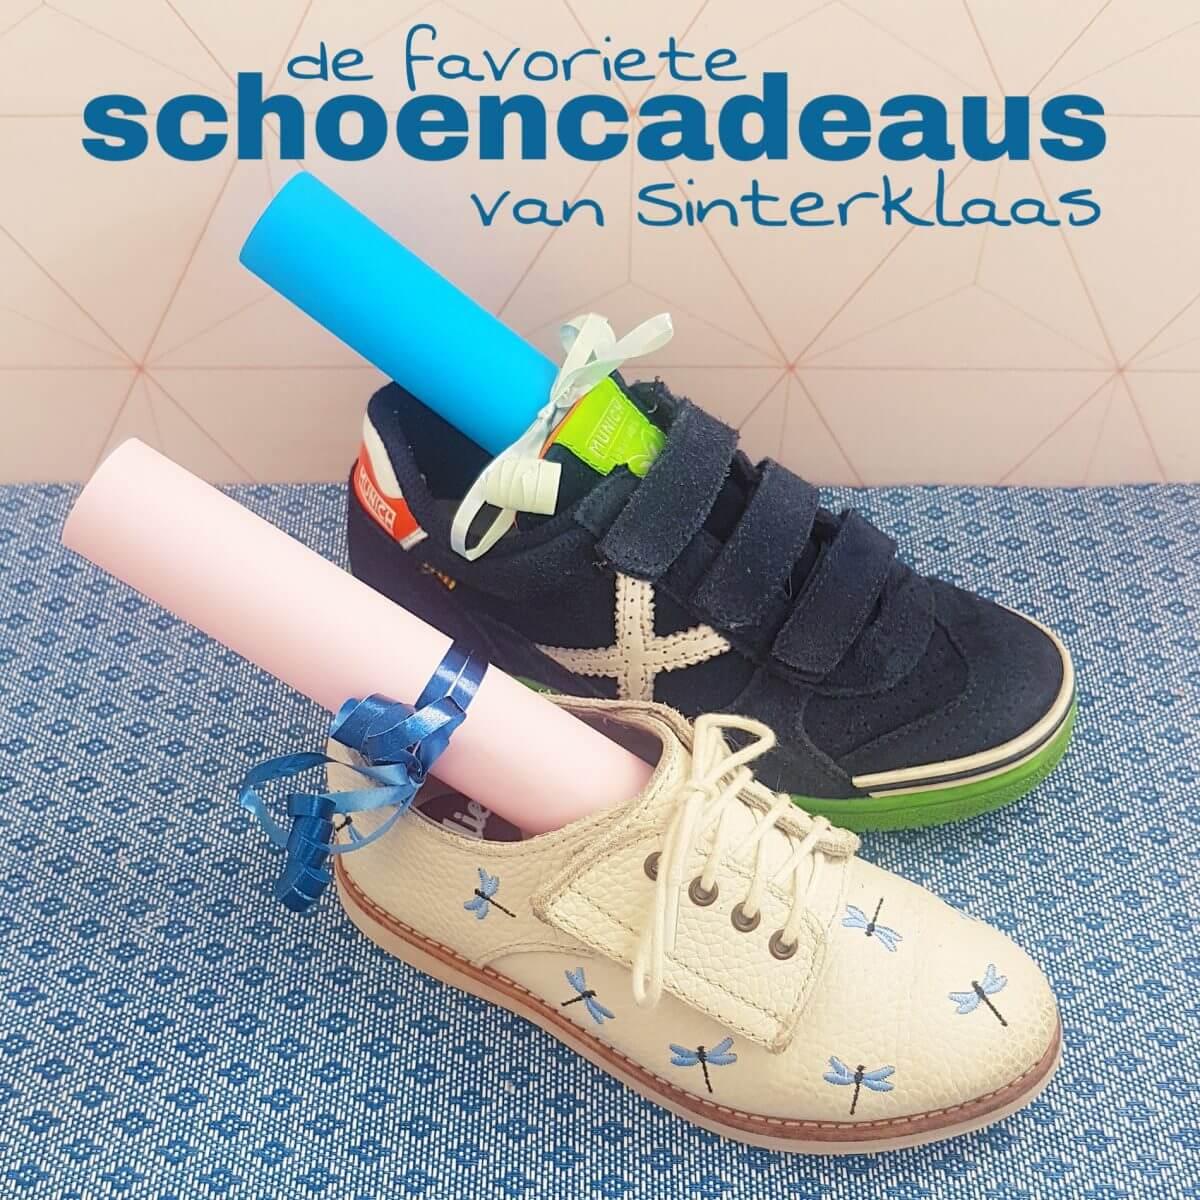 De favoriete schoencadeaus van Sinterklaas